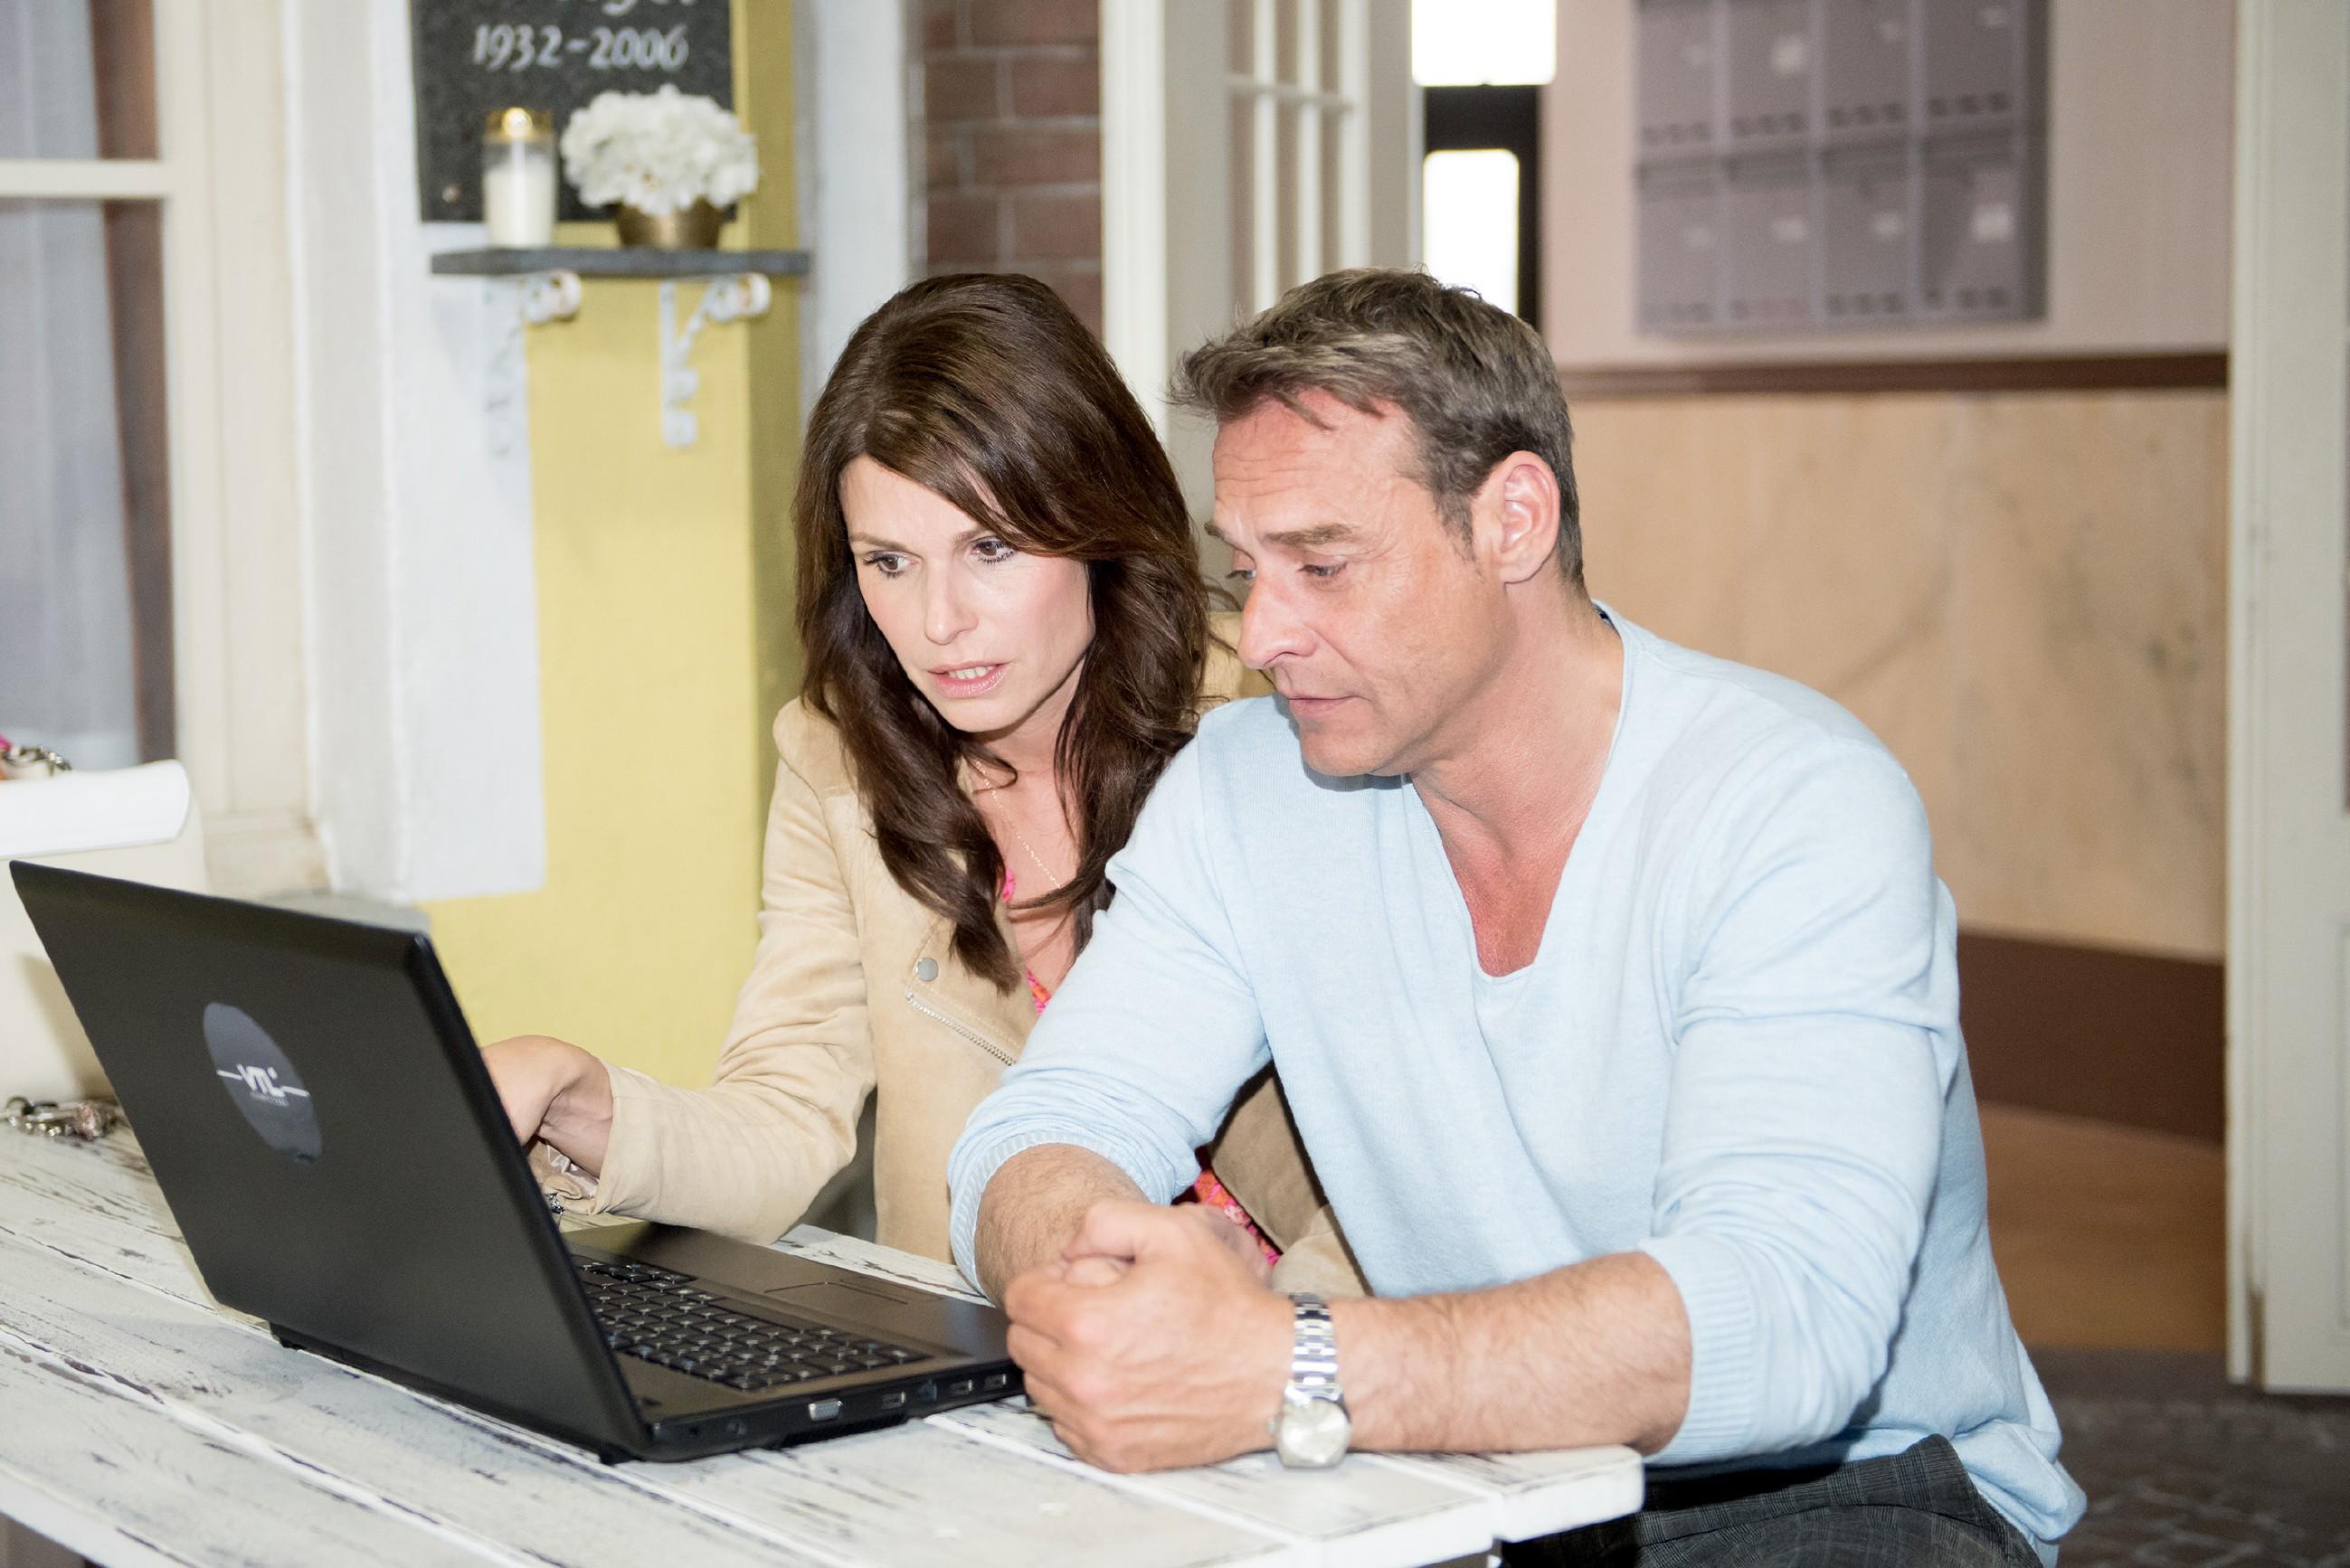 Britta (Tabea Heynig) erkennt im Beisein von Rufus (Kai Noll) entrüstet, dass sie in den sozialen Netzwerken gedisst wird.